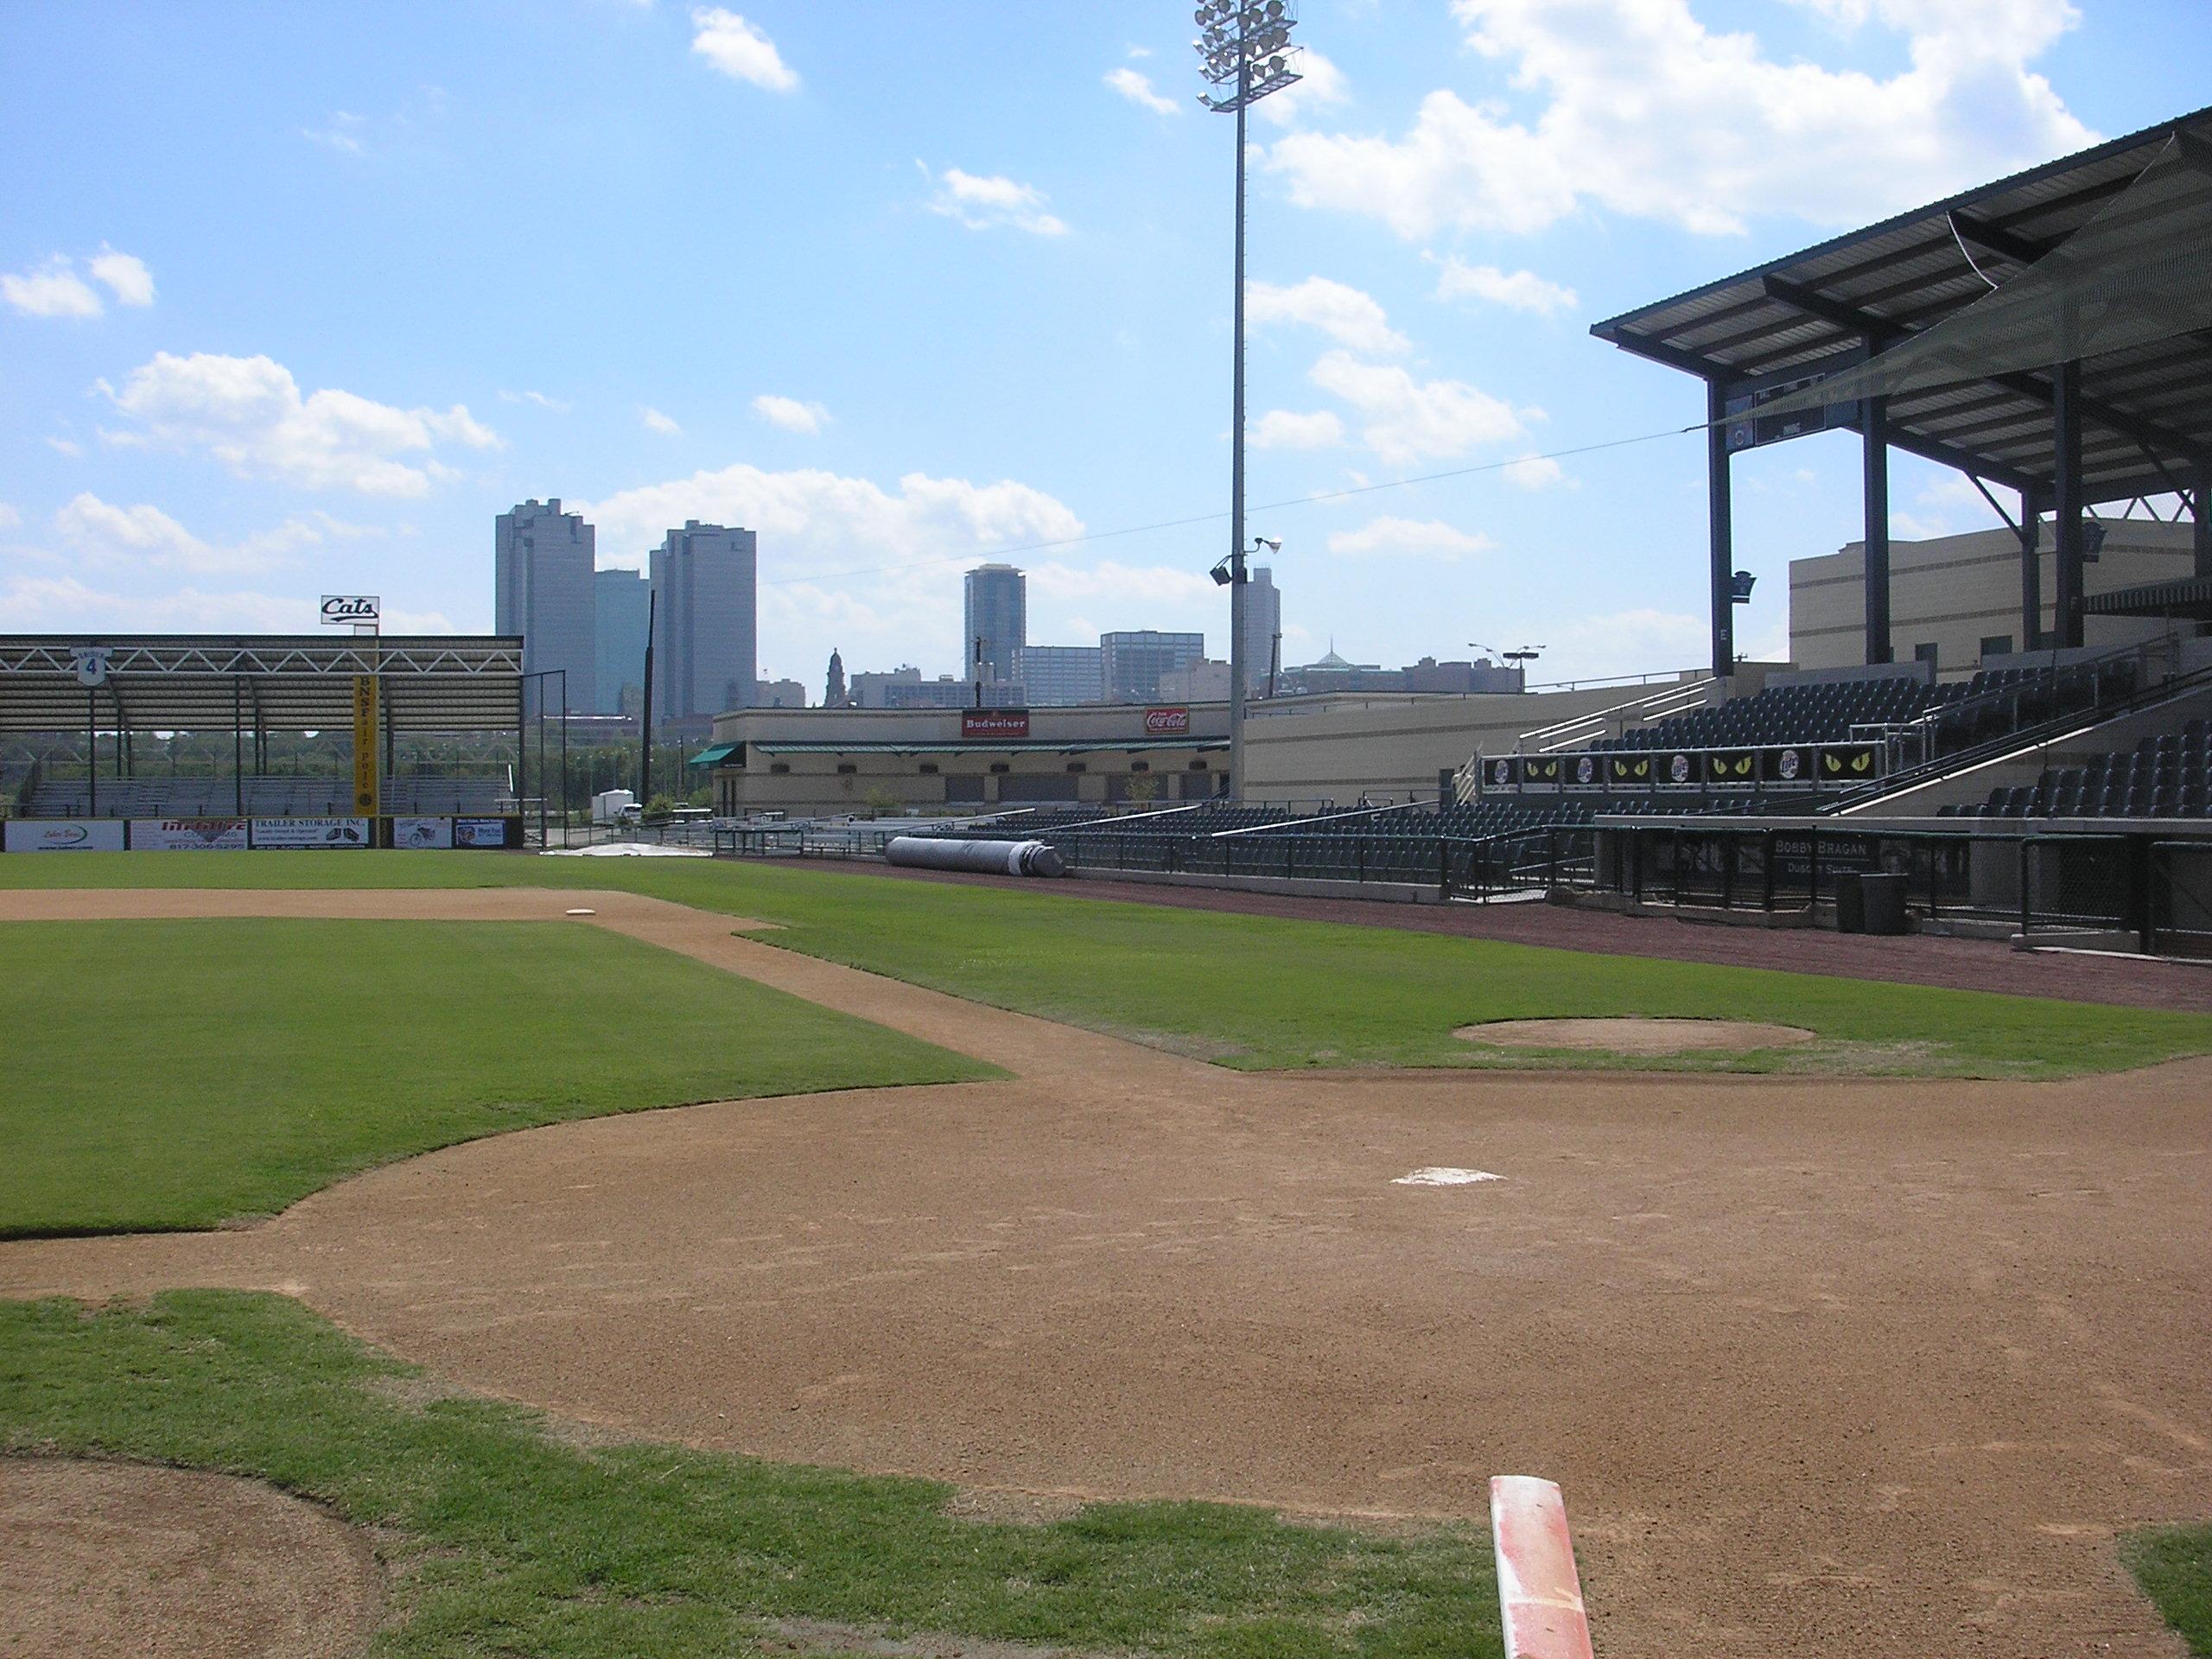 Cats Baseball Field by TasermonsPartner